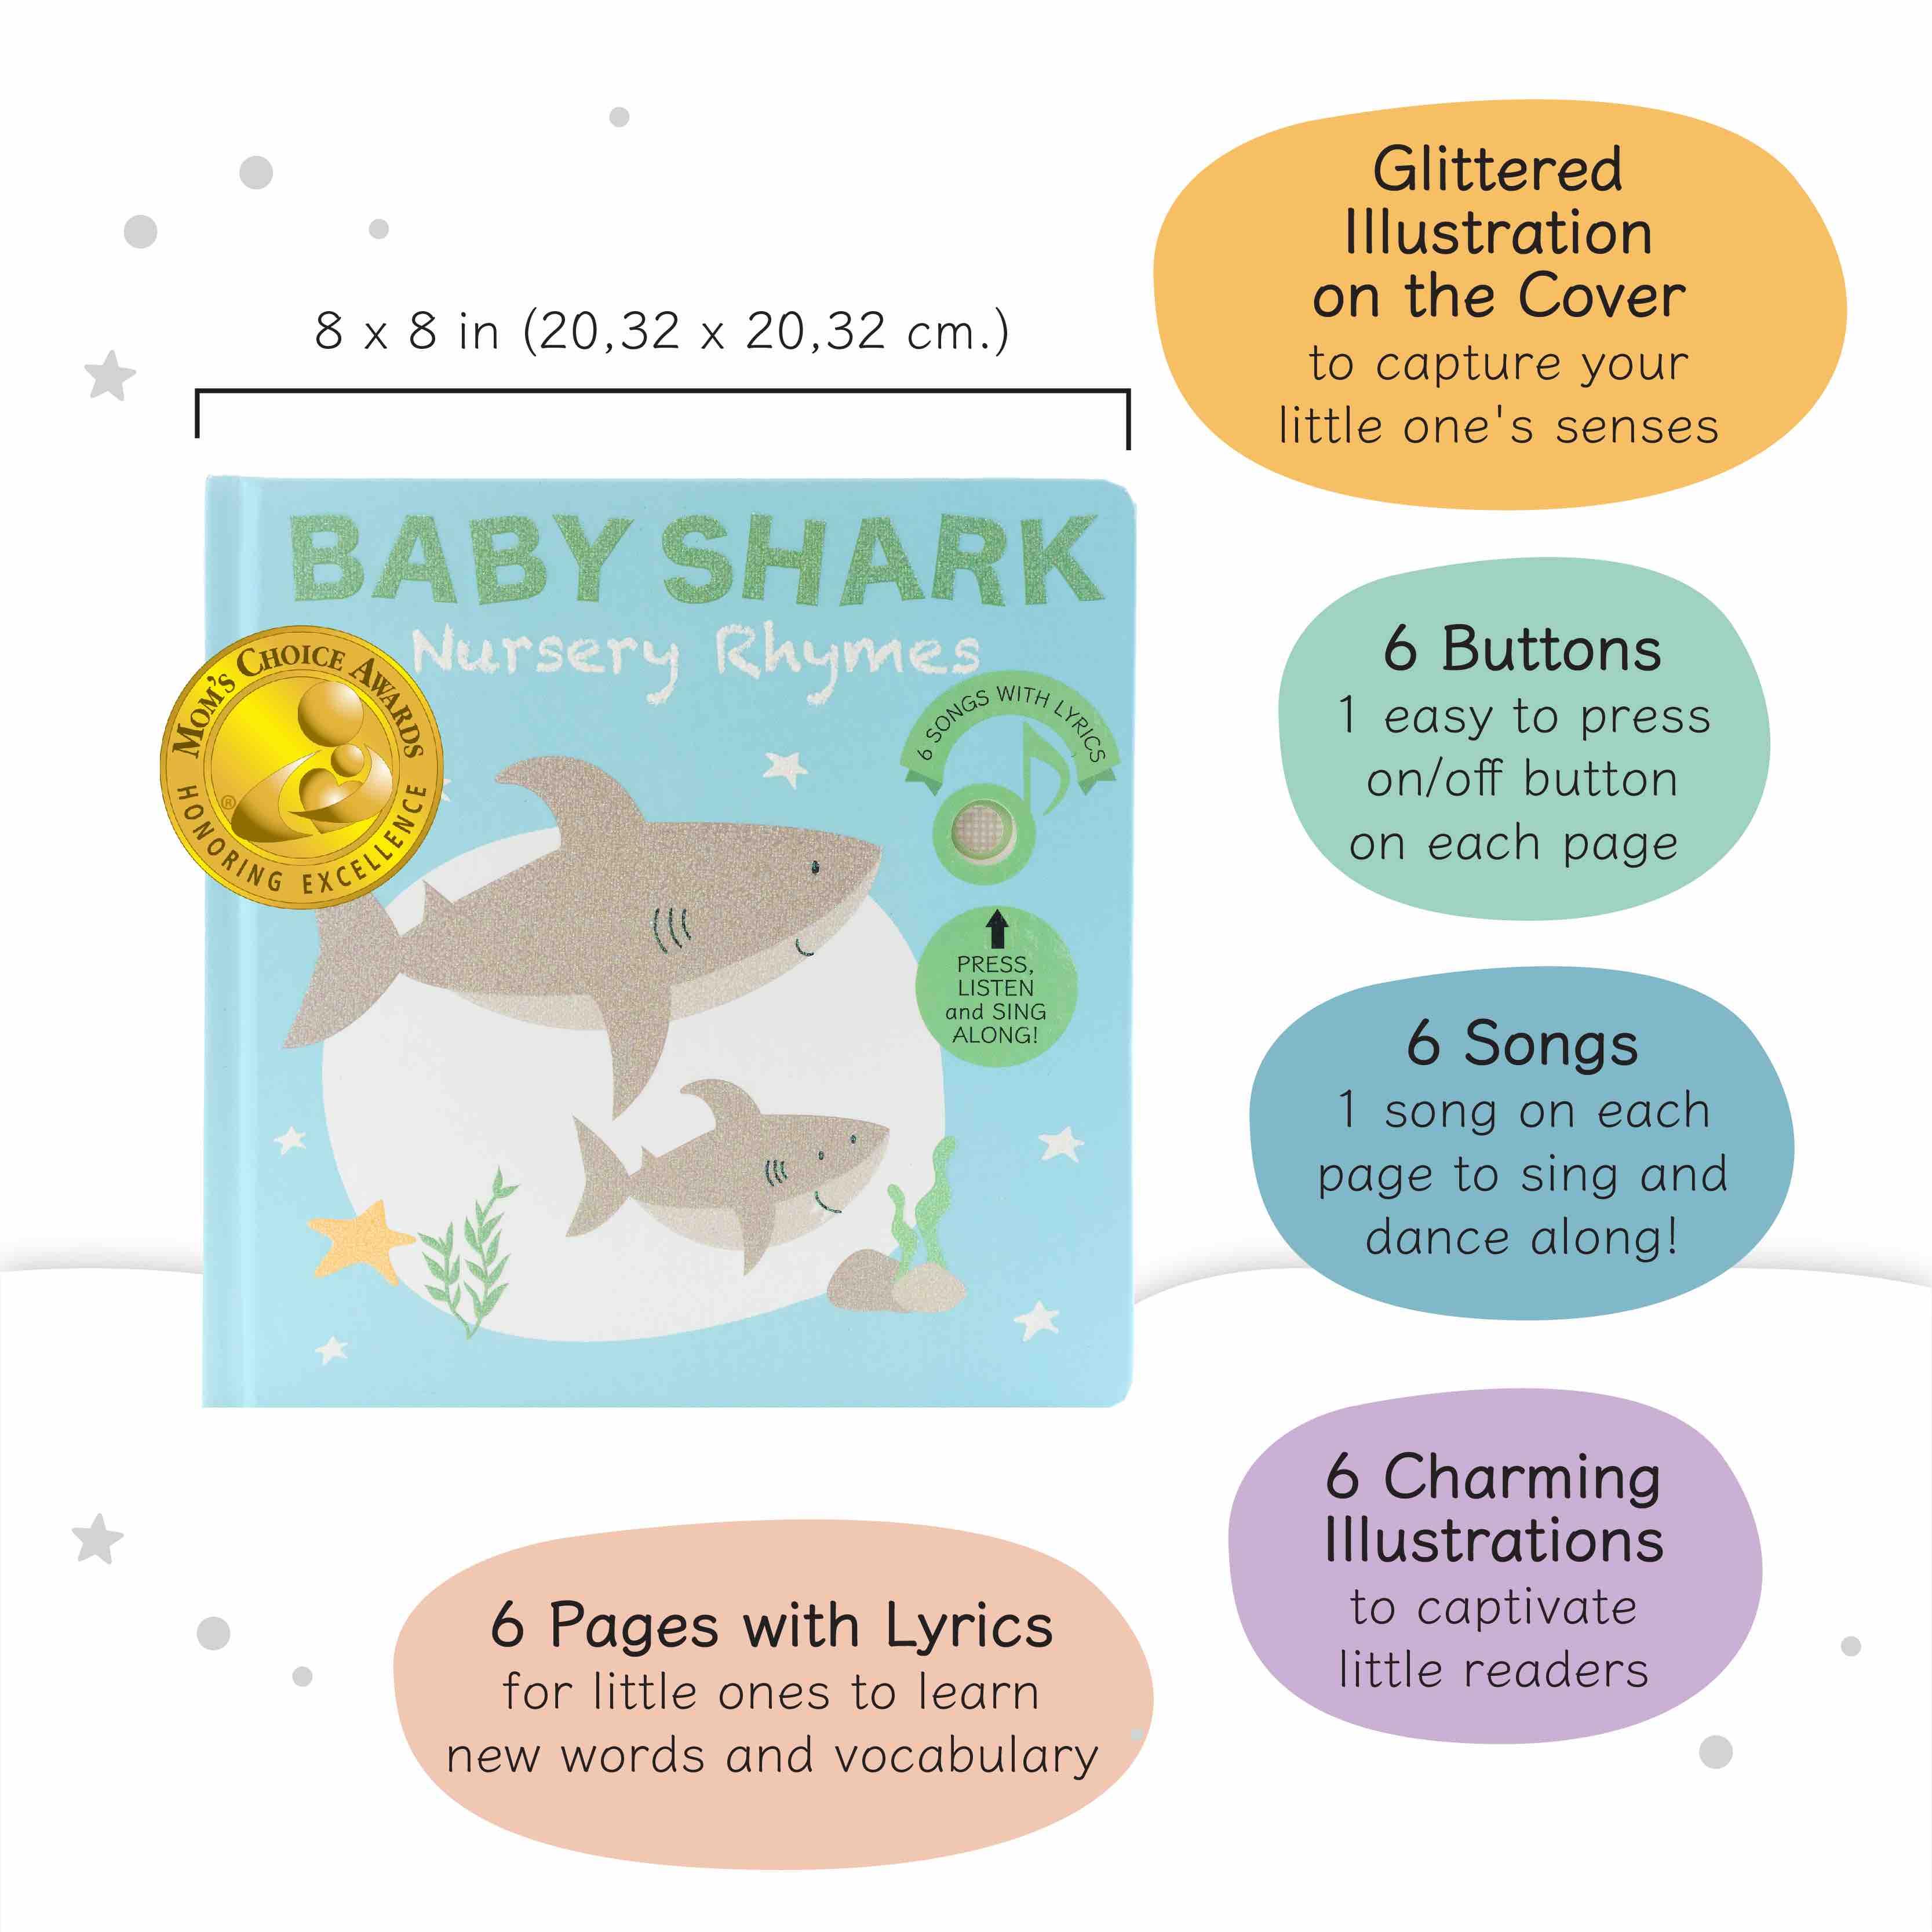 BabyShark-01 (1).jpg